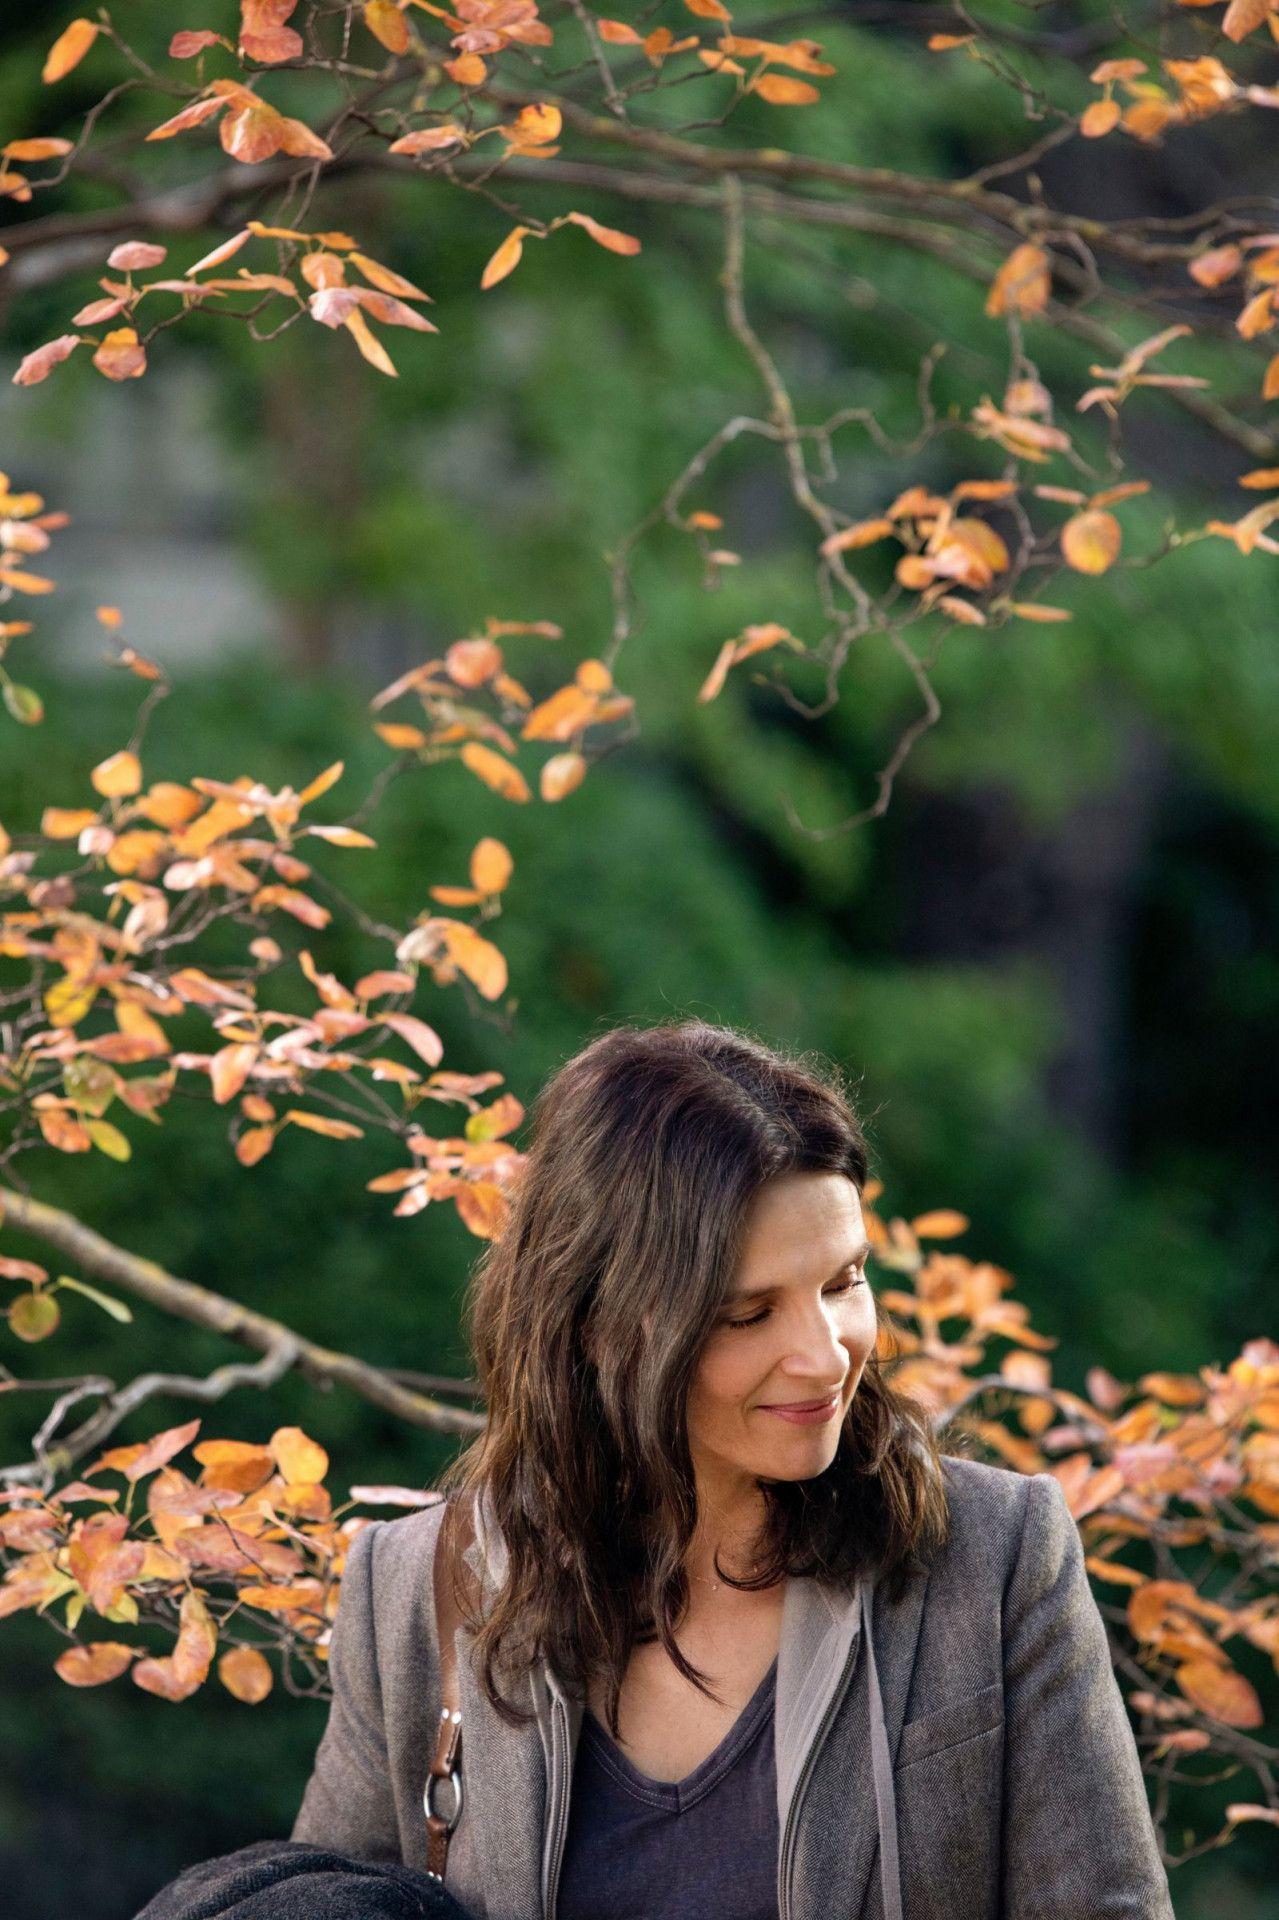 Um ihre Mutter zu treffen, hat Lumir (Juliette Binoche) ihre Wahlheimat New York verlassen.